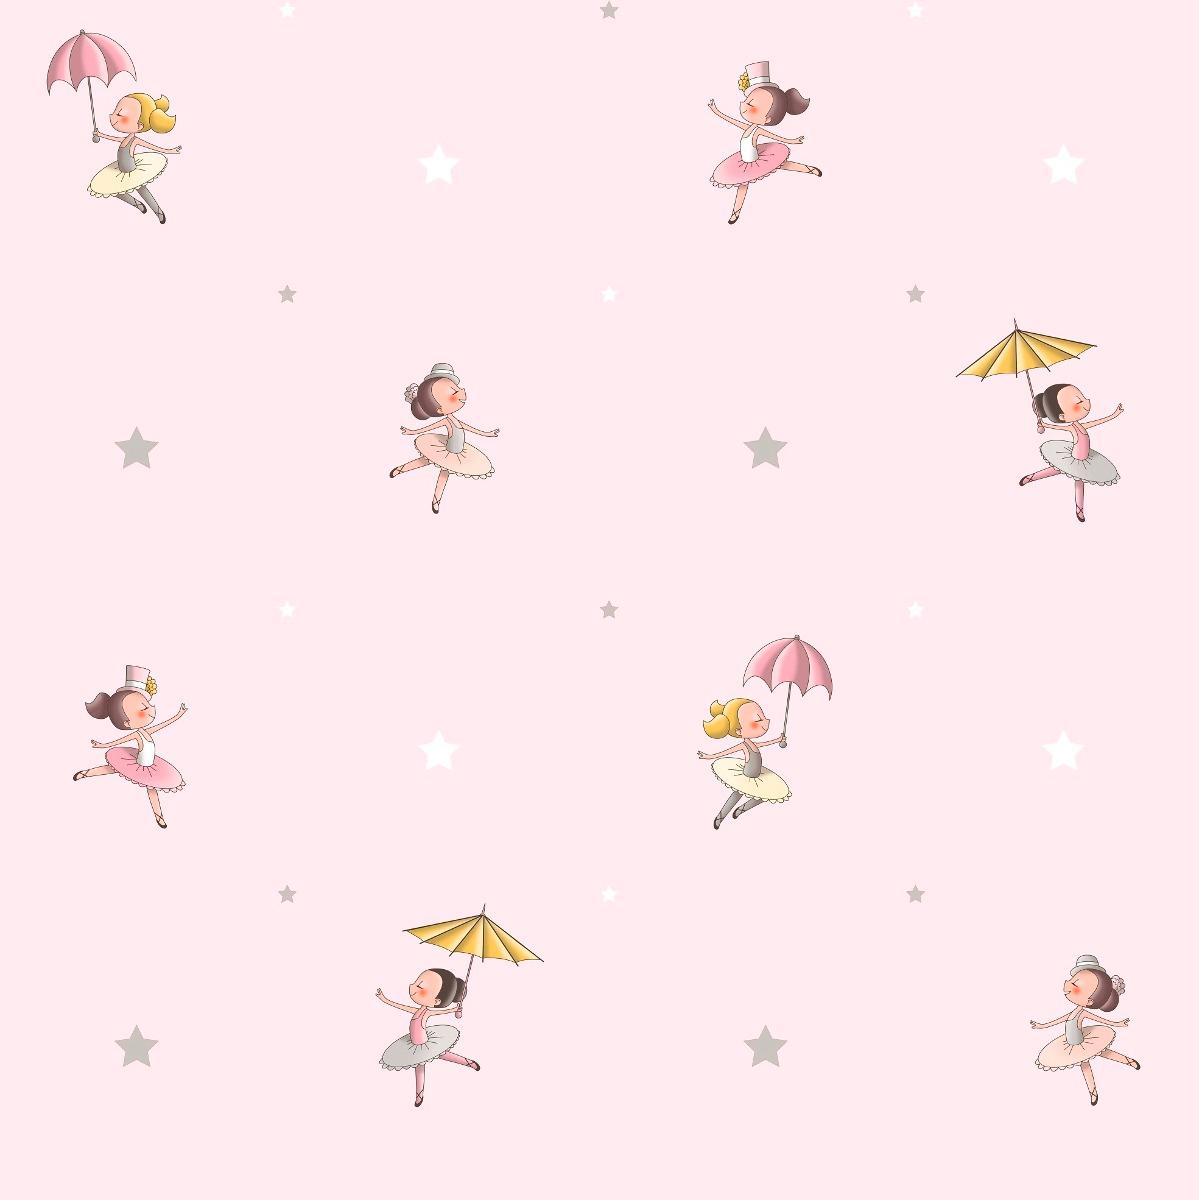 Papel de parede bailarina rosa r 250 00 em mercado livre for Papel para empapelar infantil